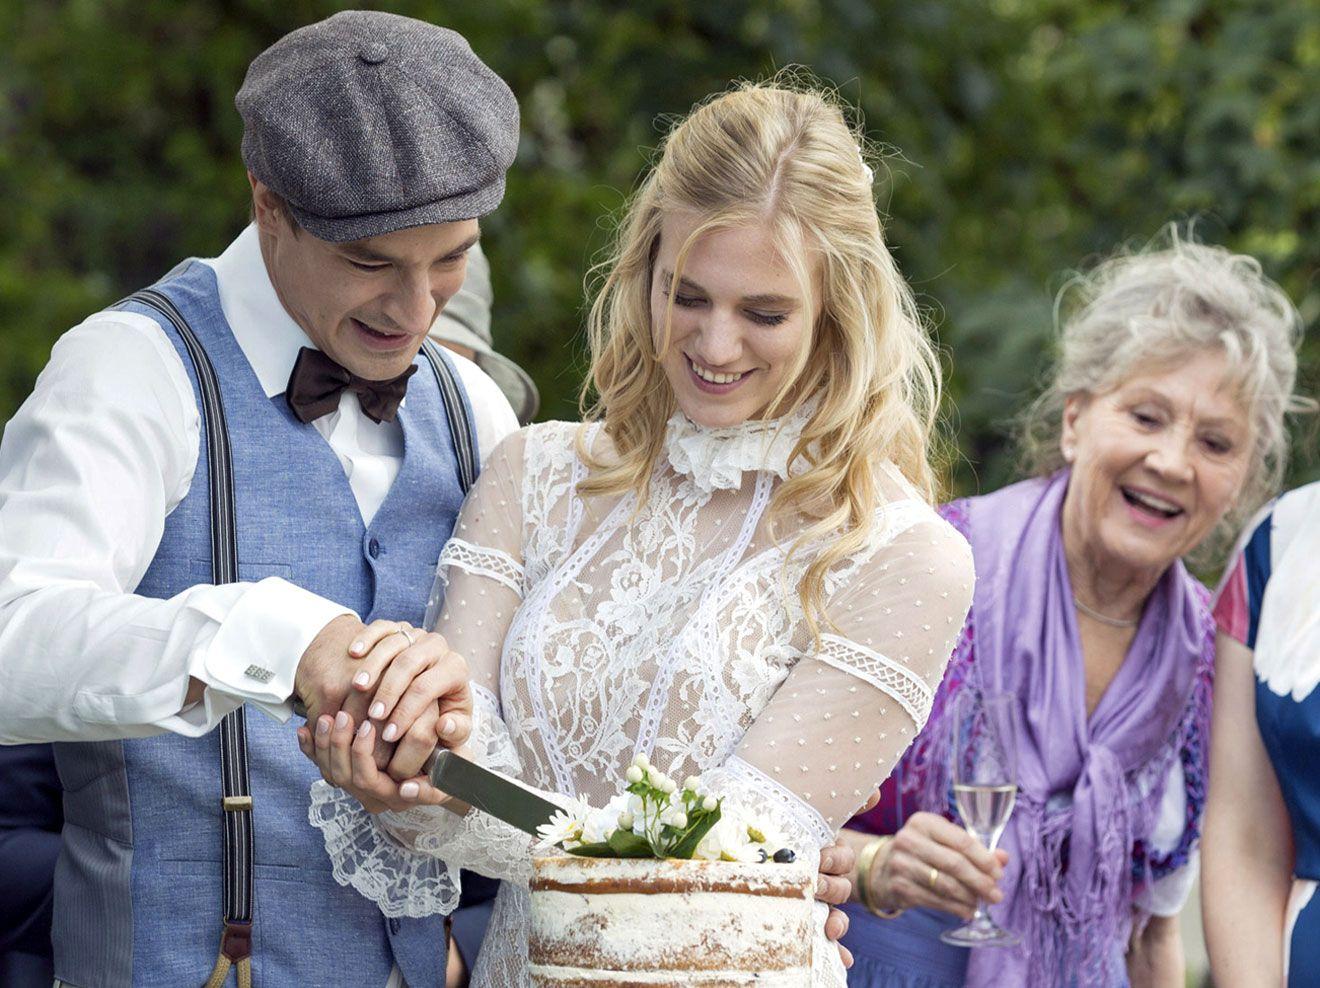 Sturm Der Liebe Alicias Und Viktors Hochzeit In Bildern Sturm Der Liebe Hochzeit Brautpaar